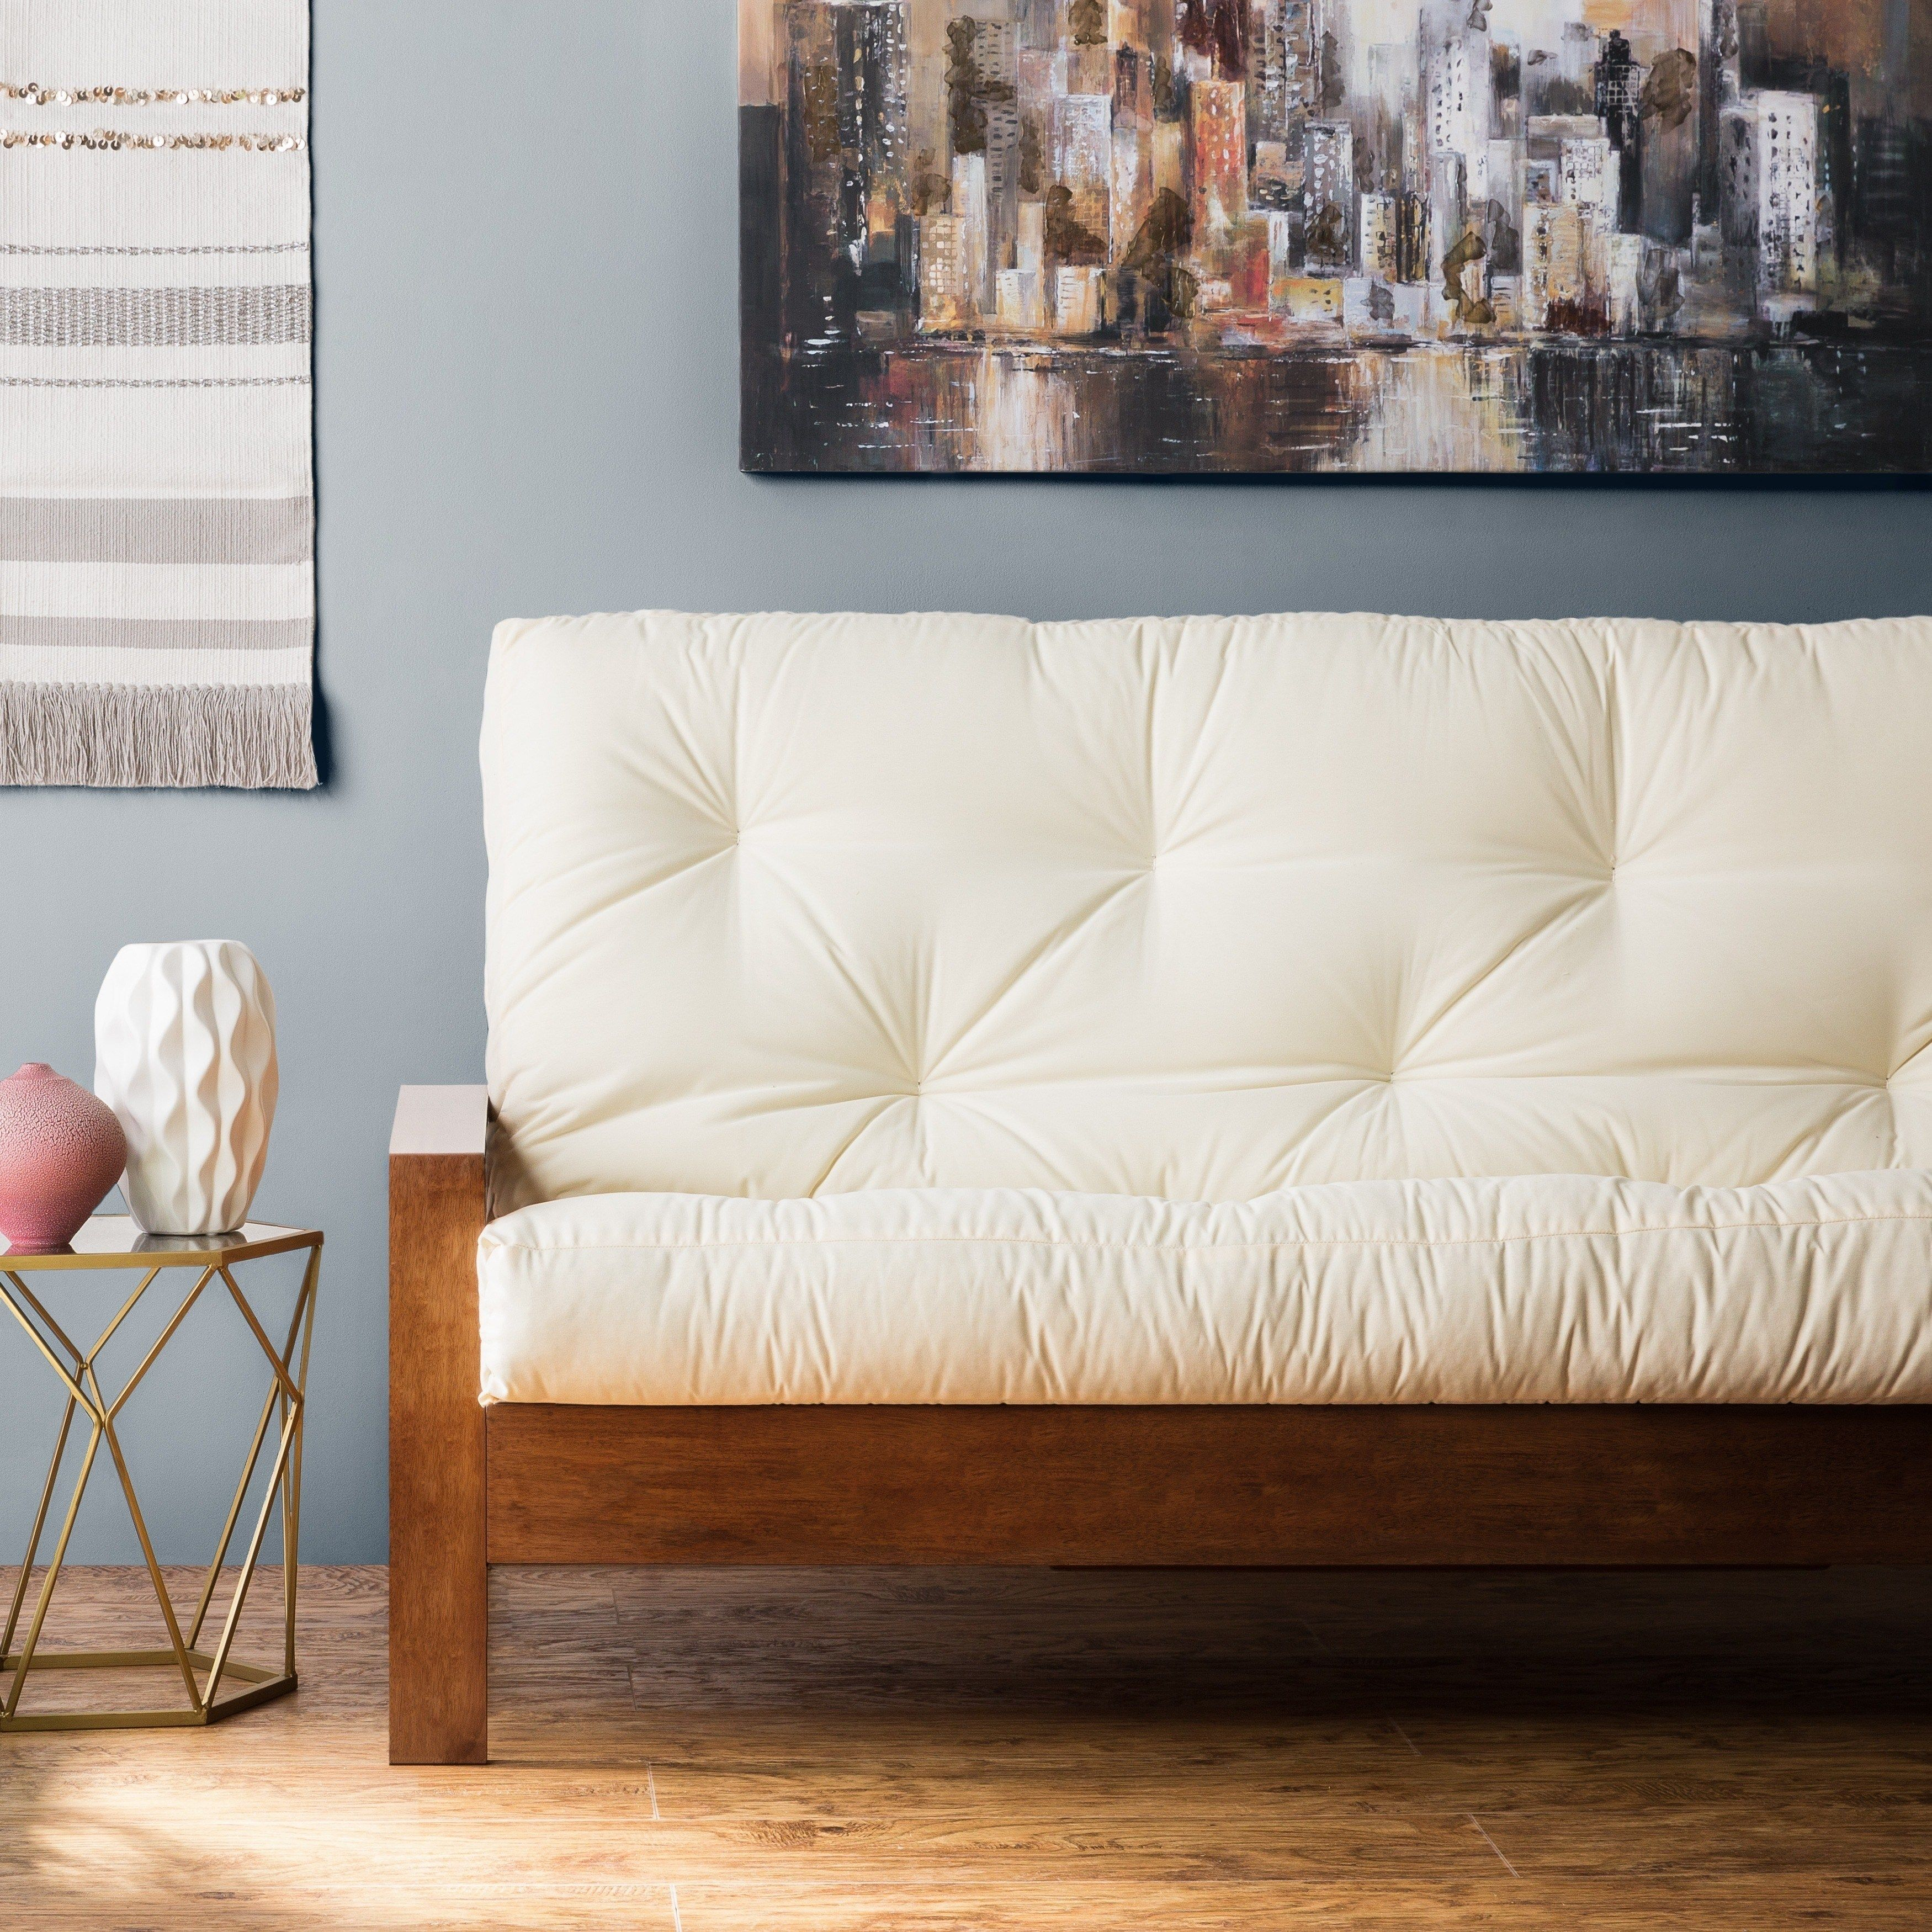 Porch Den Hansen Full Size 10 Inch Futon Mattress With Images